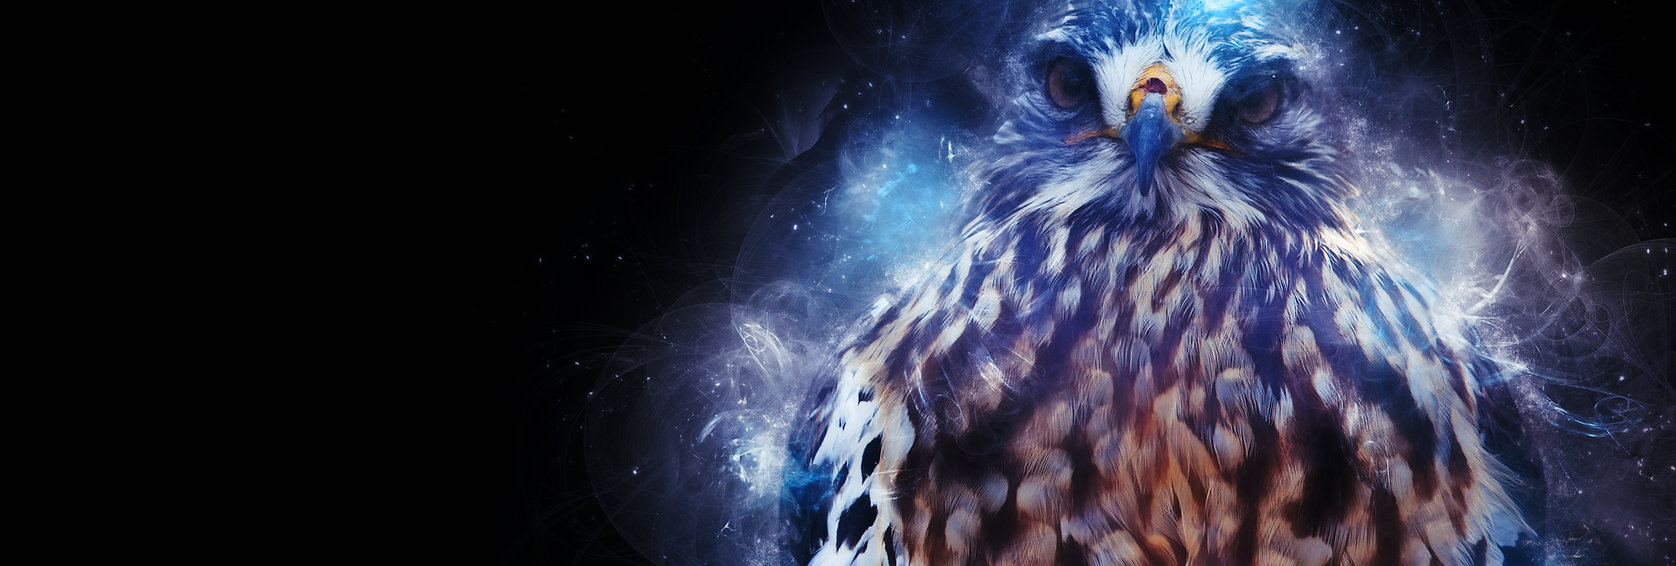 Adler Aura.jpg